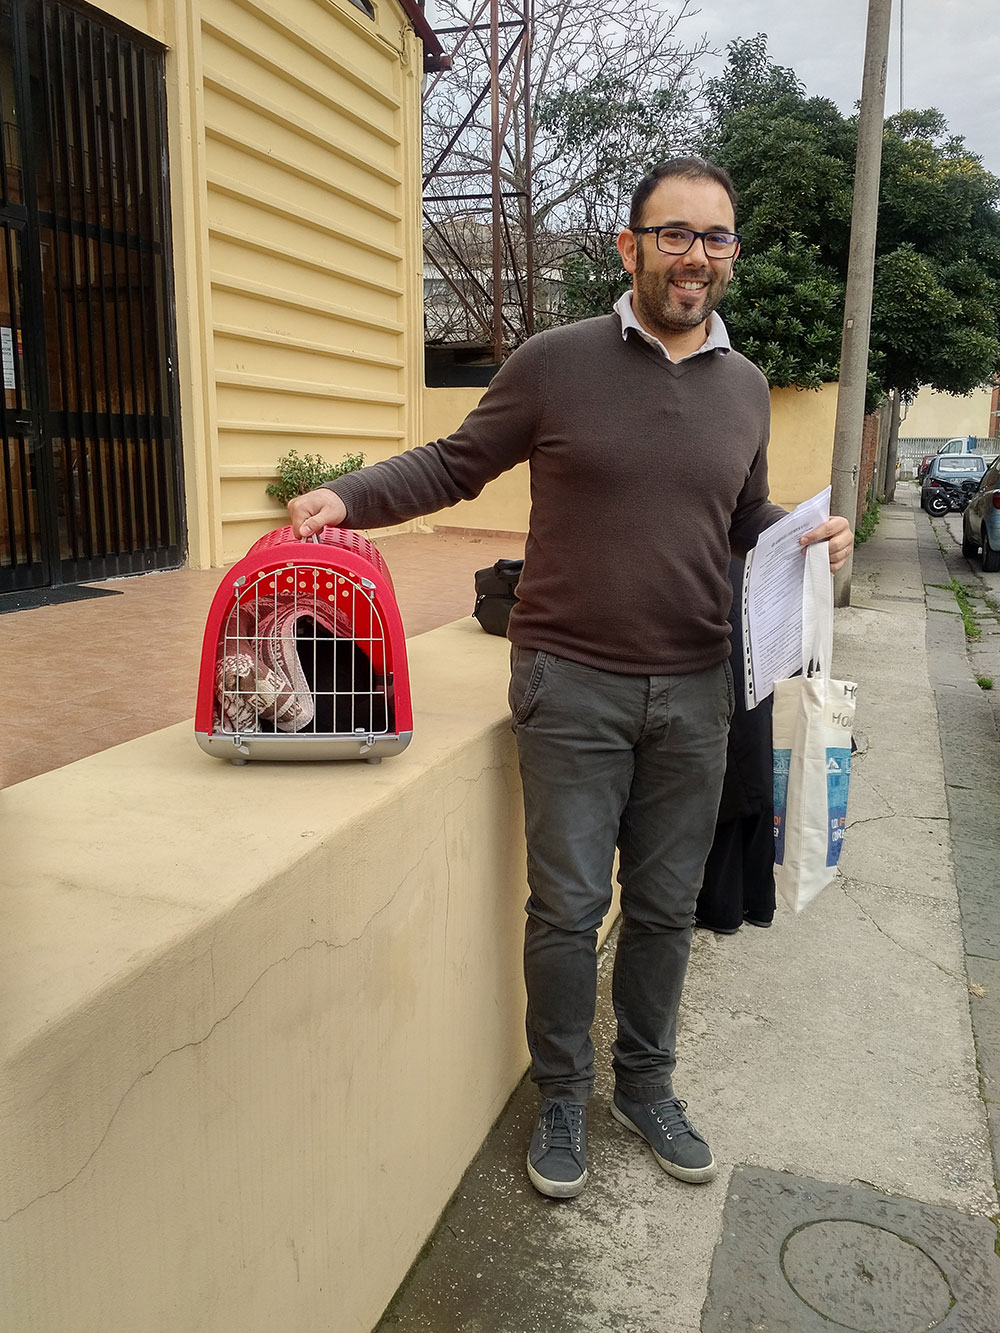 We met up with Claudio in Pisa to collect Moggie